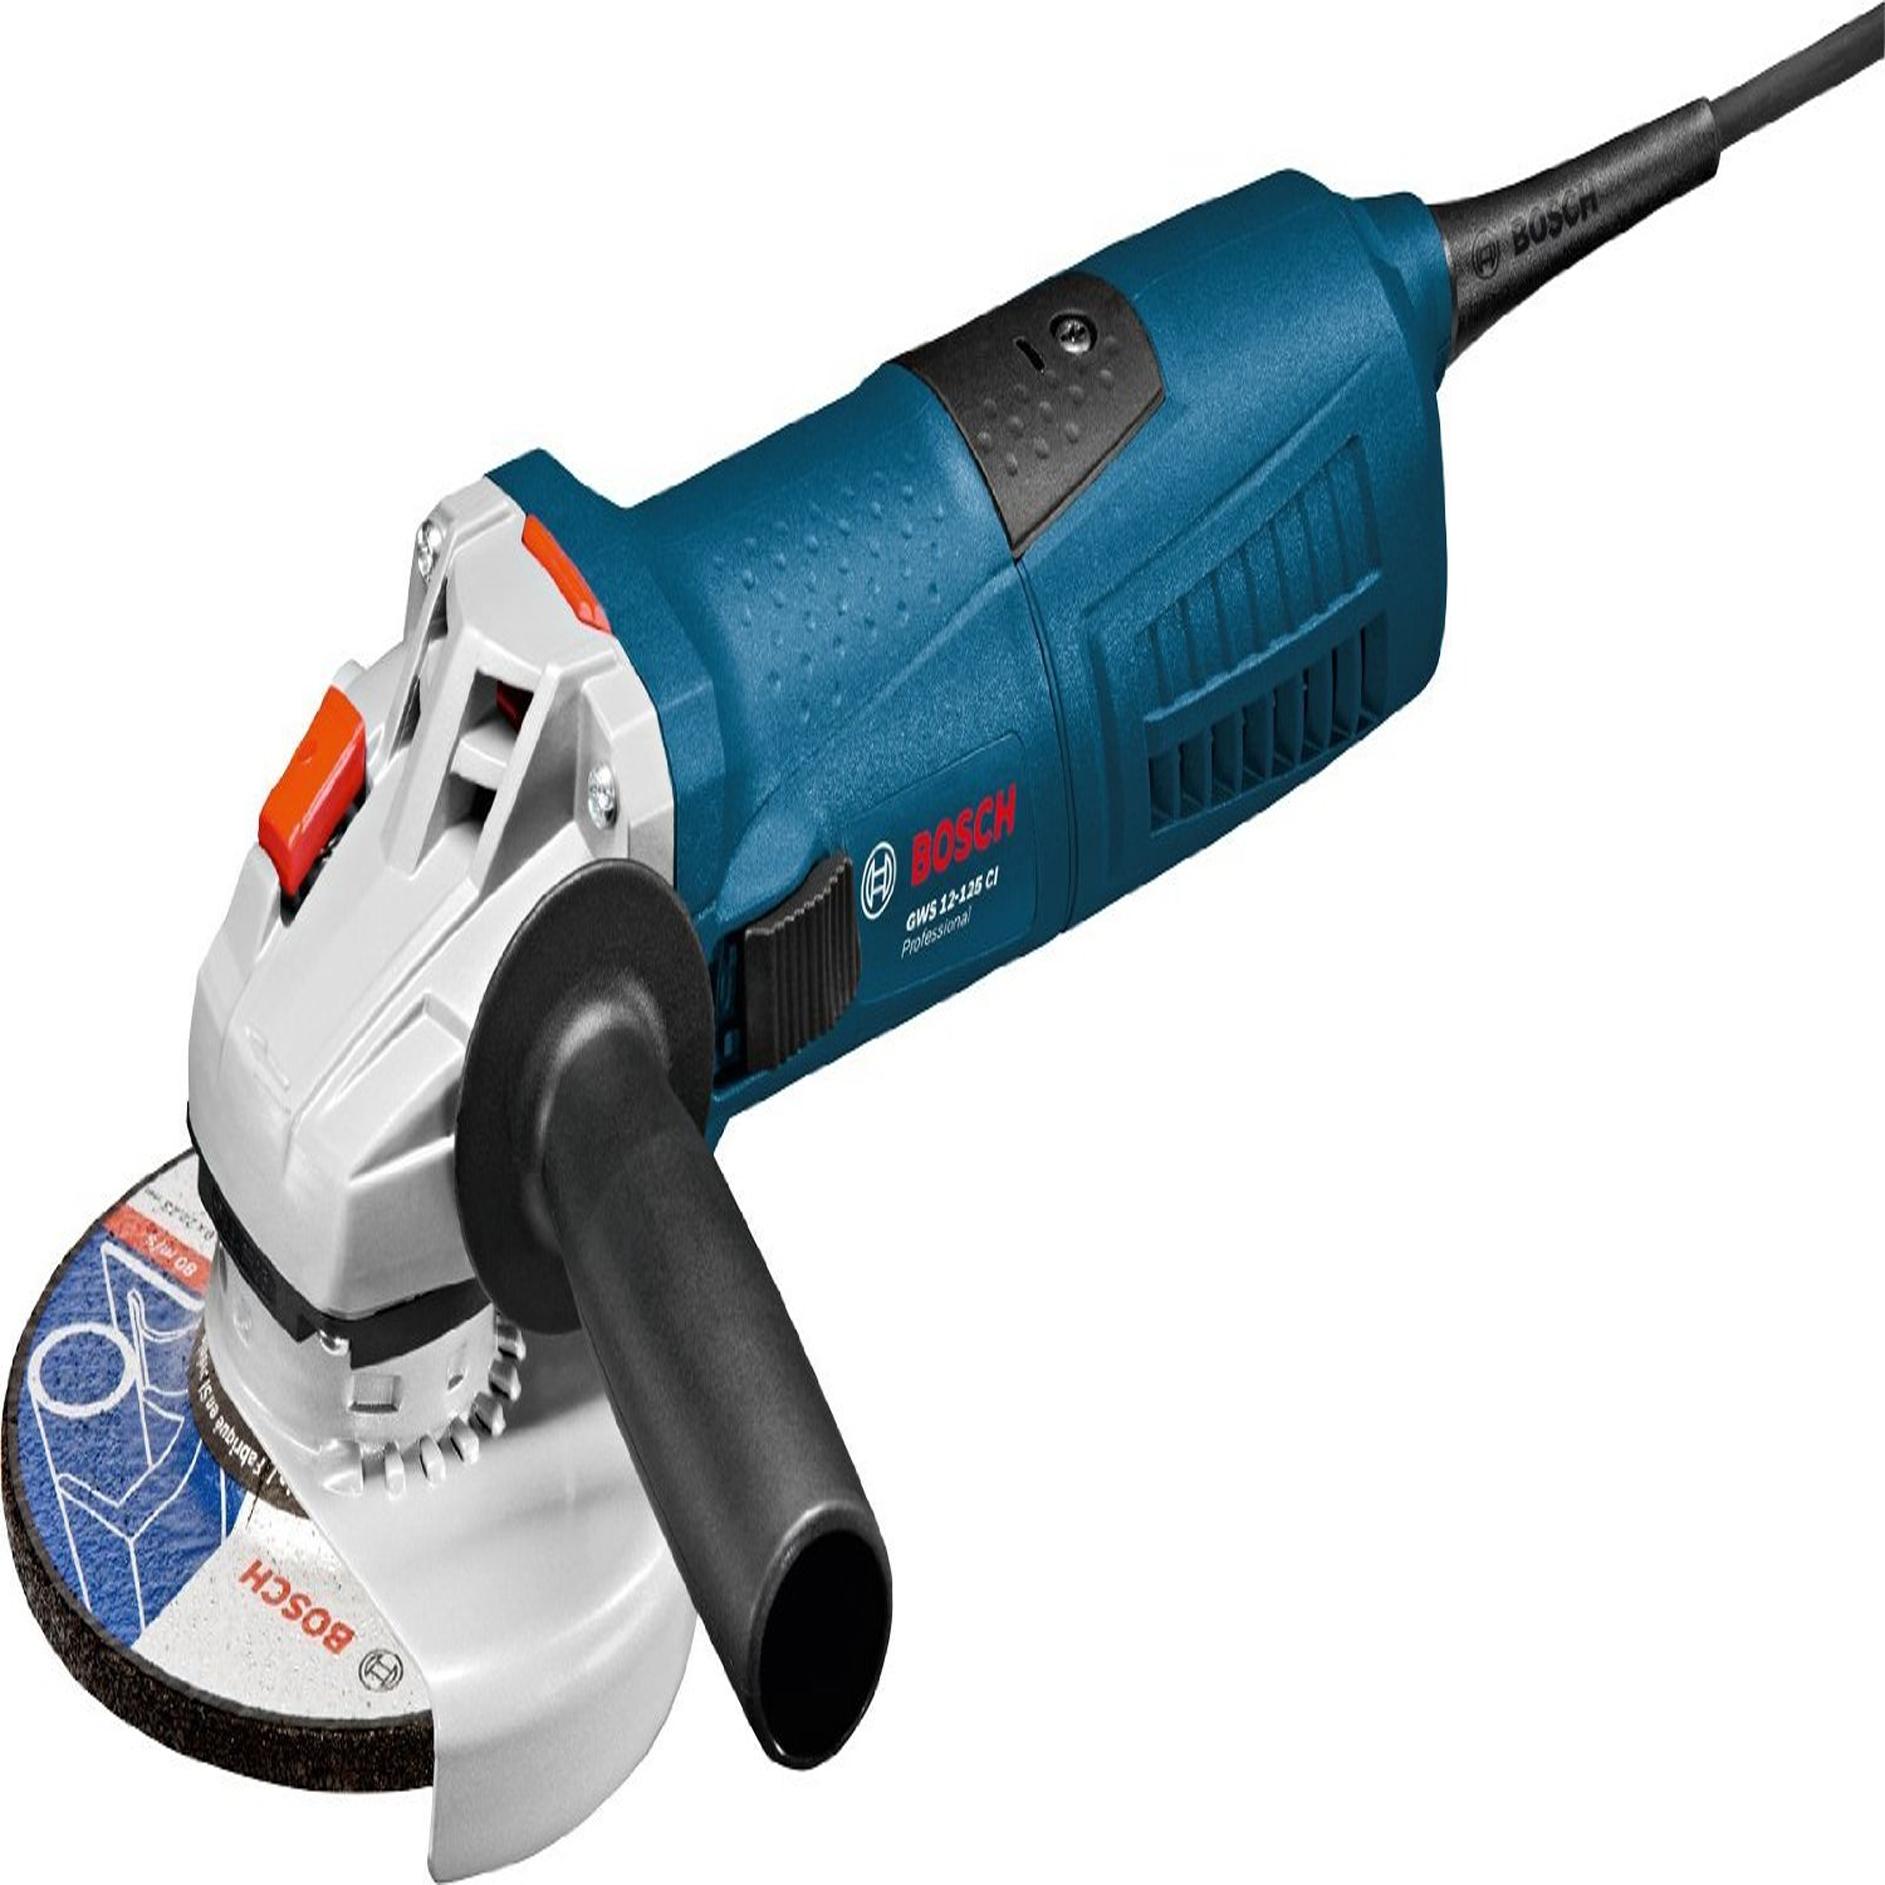 Harga Jual Bosch Gws 12 125 Ci Gerinda Tangan Professional Hand Pipe Bender Krisbow 3 8 7 8in Kw1500520 Info Lainnya